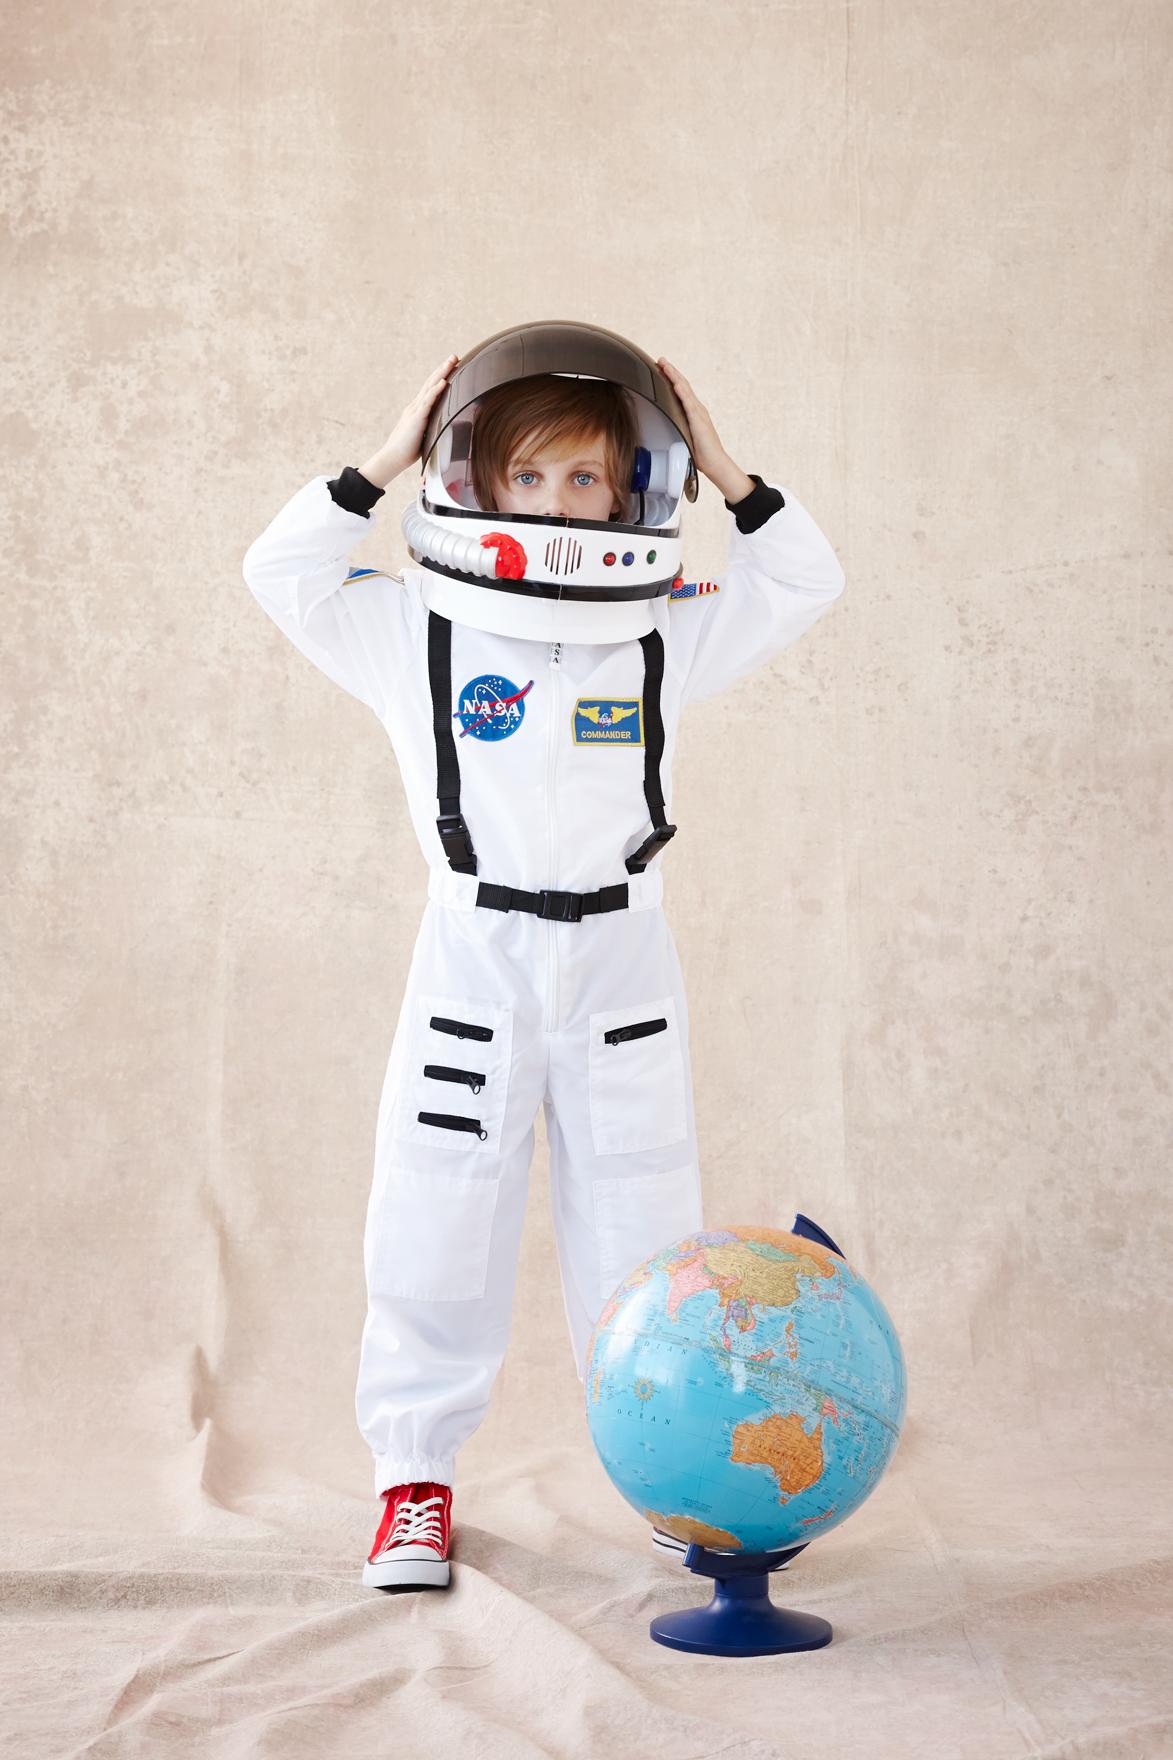 NoahI_Astronaut_dana_gallagher0062.jpg